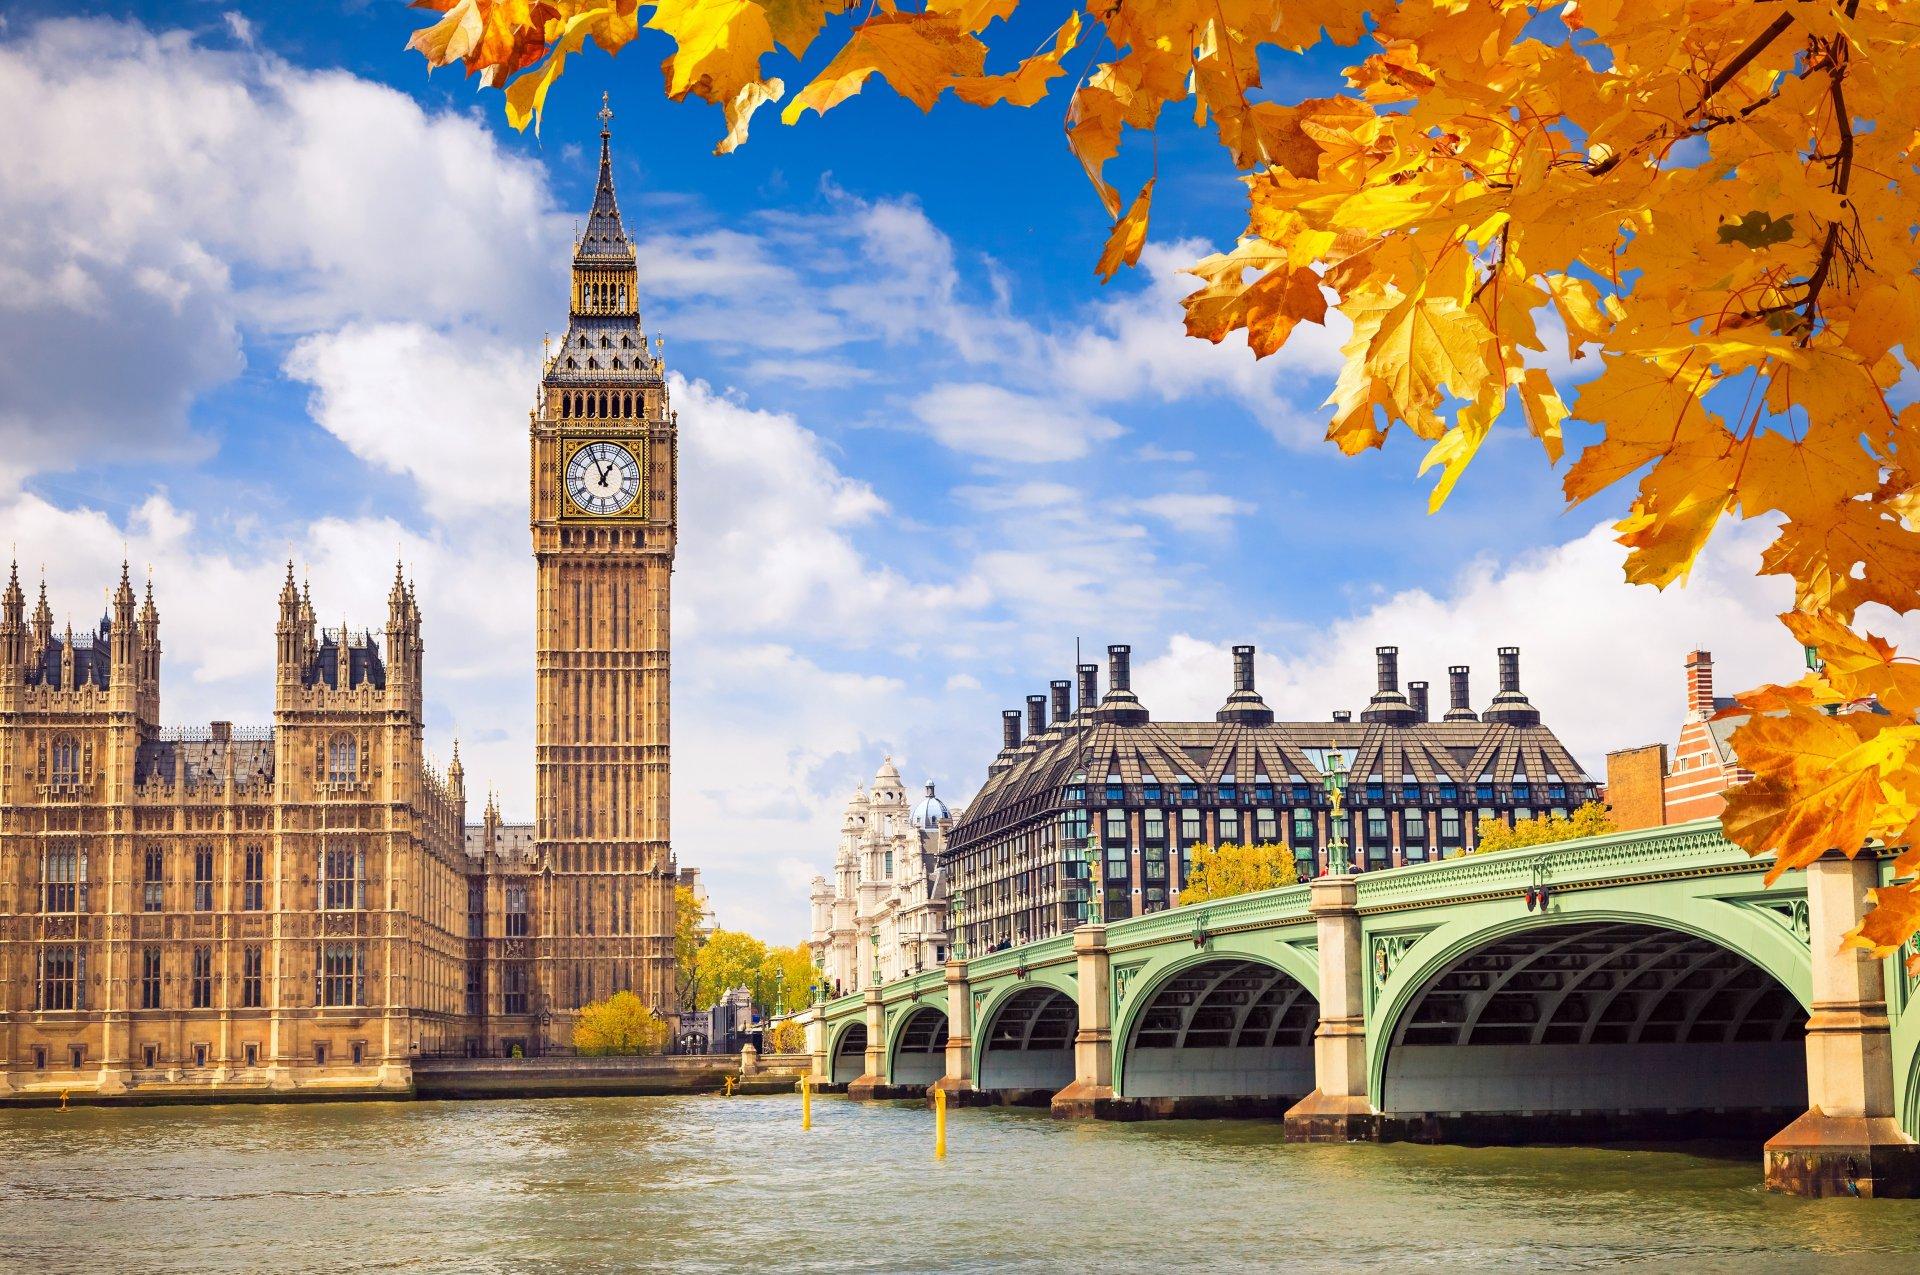 картинка на тему города лондон сёстры, ваш дом